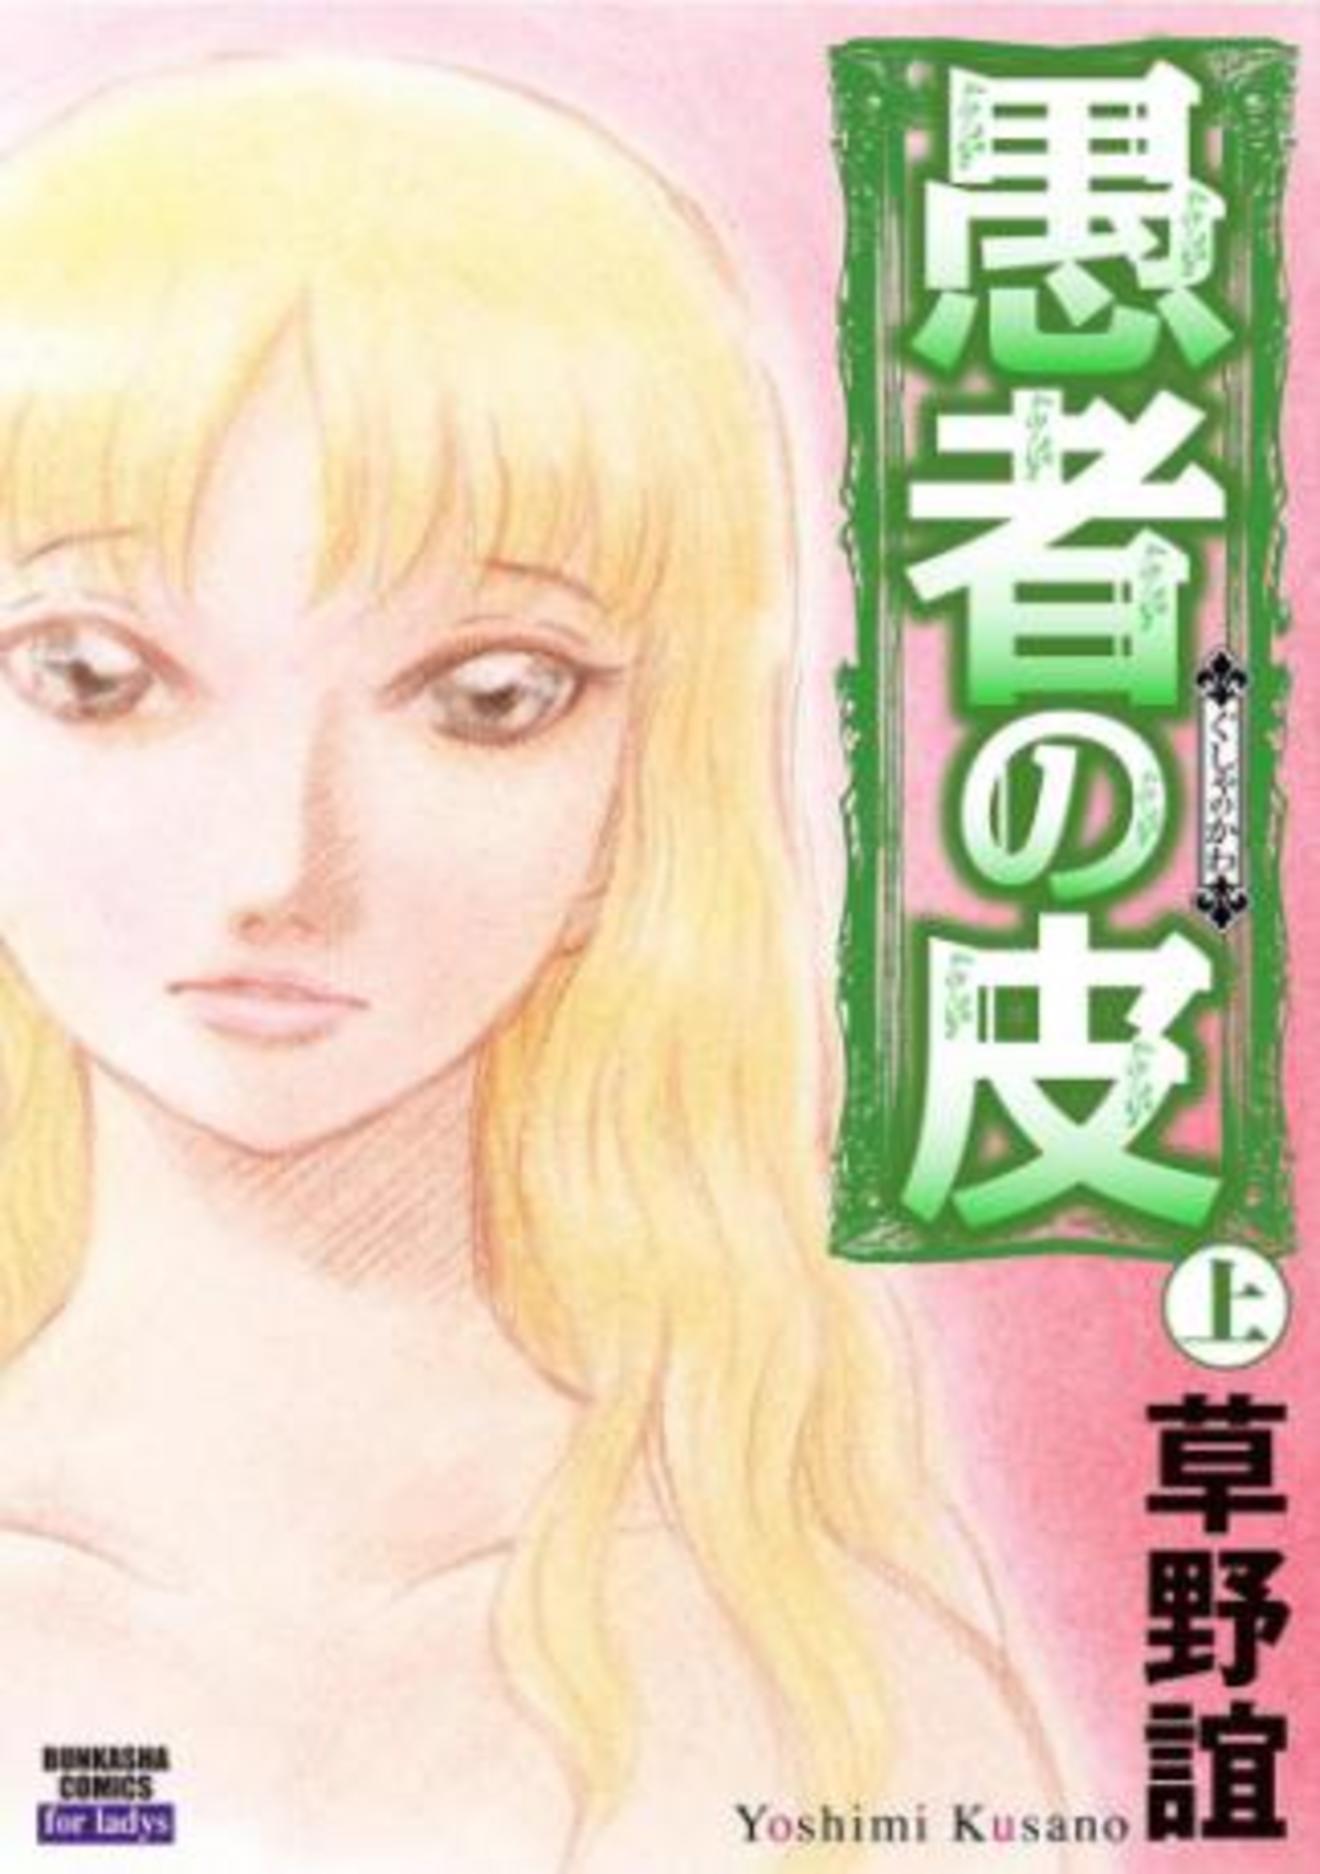 無料で読める漫画『愚者の皮』の魅力をネタバレ紹介!人は心って、本当に?